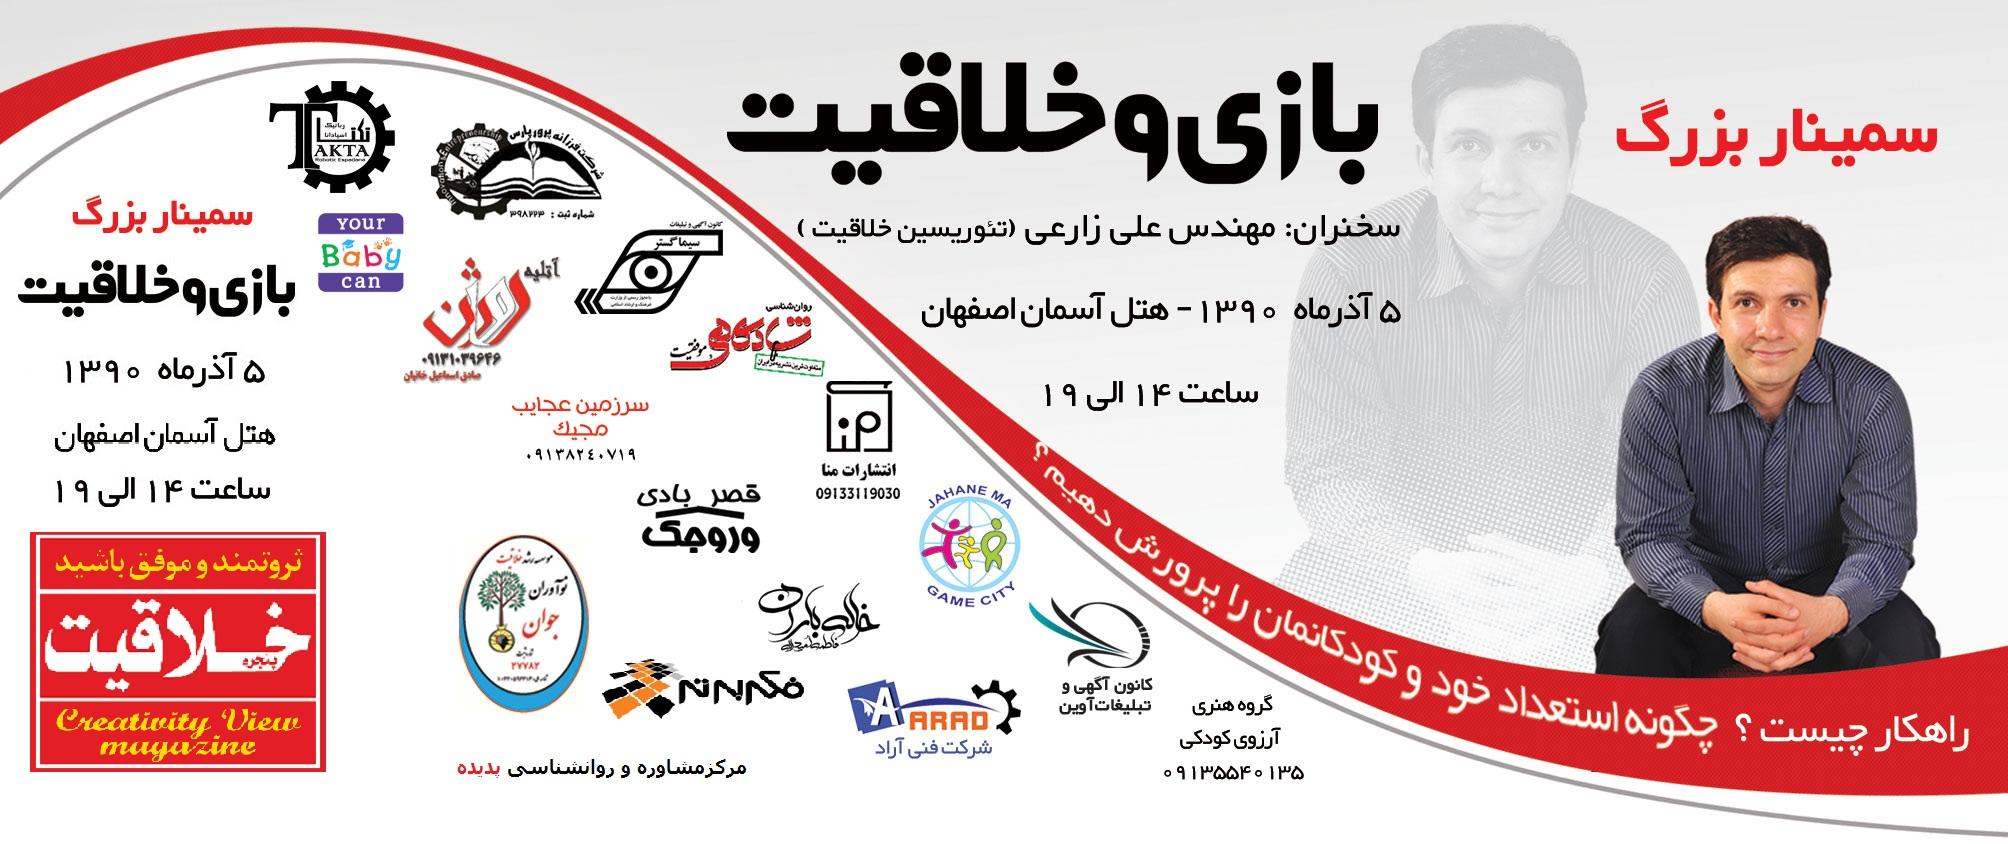 http://www.n-javan.com/khabargozariha/seminar66.jpg